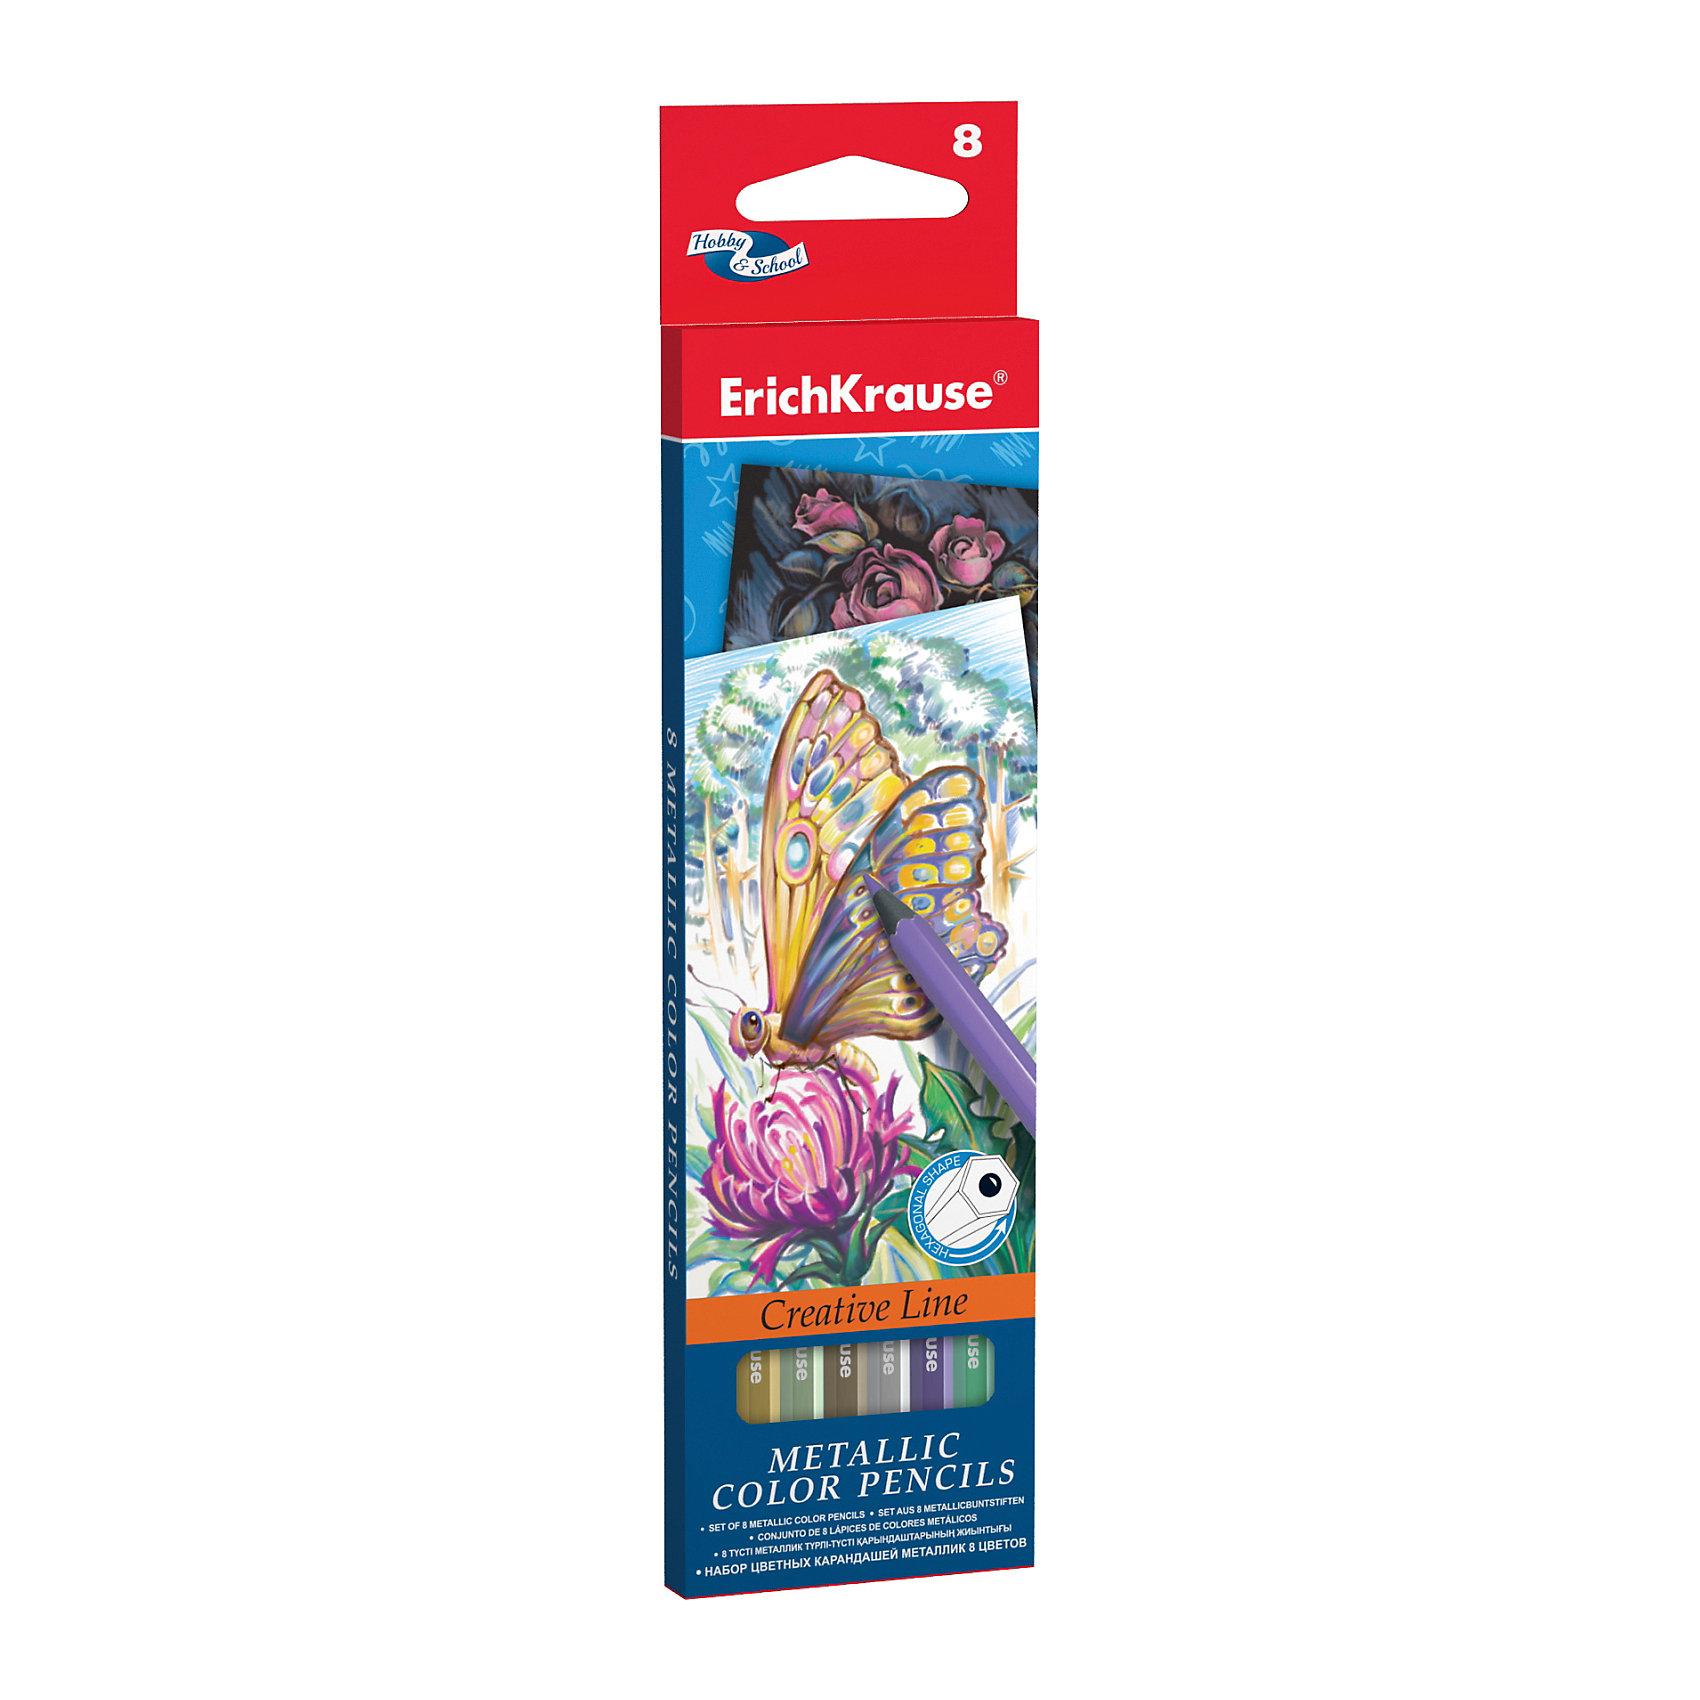 Цветные карандаши шестигранные ArtBerry Metallic, 8 цветовРисование<br>Характеристики цветных шестигранных карандашей ArtBerry:<br><br>• возраст: от 5 лет<br>• пол: для мальчиков и девочек<br>• комплект: 8 карандаша разного цвета<br>• материал: дерево.<br>• упаковка: картонная коробка <br>• толщина грифеля: 3 мм.<br>• длина карандаша: 17.5 см.<br>• размеры упаковки: 18.5x6x1 см<br>• вес в упаковке : 55 г.<br>• бренд: Erich Krause<br>• страна обладатель бренда: Россия<br><br>Набор цветных карандашей торговой марки Erich Krause Metallic подойдет любому юному художнику. Карандаши легко и аккуратно затачиваются и имеют яркие насыщенные цвета. Мягкий грифель легко рисует на бумаге и не царапает ее. Карандаши имеют качественные стержни, не стираются и не выцветают со временем. А большая цветовая палитра позволит изобразить мир на бумаге в ярких тонах. <br><br>В наборе 8 цветных карандашей, изготовленных из натурального дерева, с диаметром грифеля 3 мм. Яркий и практичный набор Erich Krause Metallic с продуманной палитрой цветов непременно понравится вашему юному художнику. <br><br>Цветные карандаши шестигранные ArtBerry торговой марки Erich Krause  можно купить в нашем интернет-магазине.<br><br>Ширина мм: 70<br>Глубина мм: 10<br>Высота мм: 200<br>Вес г: 160<br>Возраст от месяцев: 60<br>Возраст до месяцев: 216<br>Пол: Унисекс<br>Возраст: Детский<br>SKU: 5409232